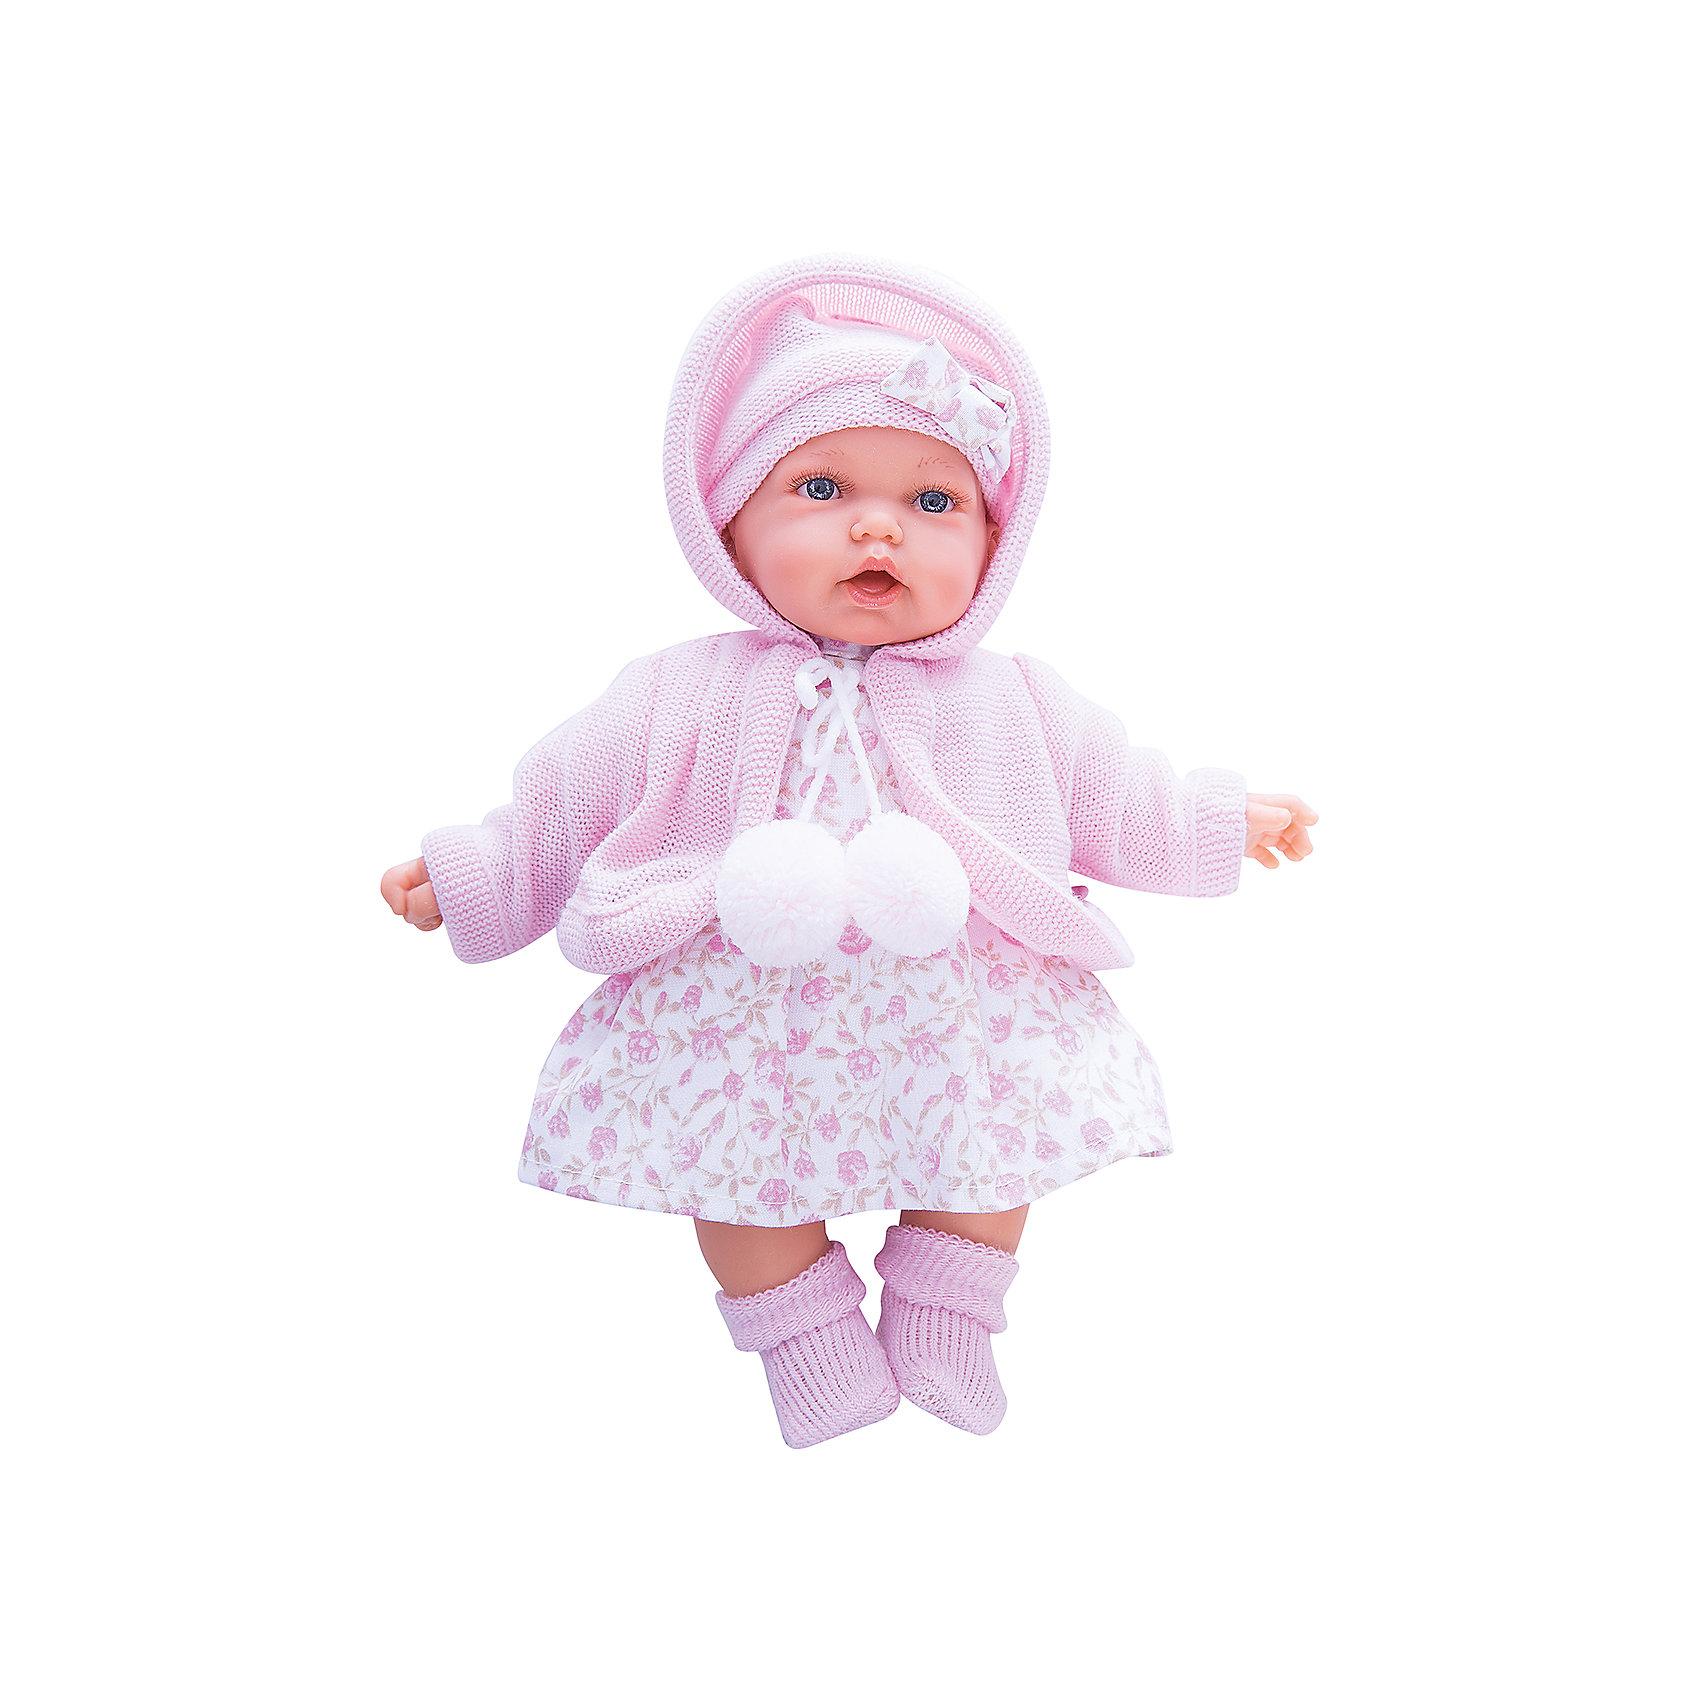 Кукла Азалия в розовом, 27 см, Munecas Antonio JuanБренды кукол<br>Очаровательная малышка Азалия, Munecas Antonio Juan (Мунекас Антонио Хуан), покорит не только детей но даже их родителей. Куколка выглядит как настоящая маленькая девочка, а ее трогательный внешний вид вызывает только самые положительные и добрые эмоции. Все куклы Антонио Мунекас производятся в Испании в маленьком городе Аликанте и отличаются высоким качеством и потрясающим сходством с настоящими младенцами. В коллекции представлены куклы разных возрастов, как новорожденных так и детей постарше. Все детали тщательно проработаны, пропорции идентичны строению маленького ребенка. В создании кукол и одежды для них принимали участие известные европейские дизайнеры, поэтому каждая куколка имеет свой неповторимый индивидуальный образ и чудесный модный наряд, сшитый вручную.<br><br>У куклы Азалии милое детское личико и мягкие темные волосы, за которыми приятно ухаживать и расчесывать. Искусно выполненные детали, такие как складочки на ручках и ножках, пушистые реснички, пухлые щечки и губки, придают игрушке трогательный и реалистичный вид. Туловище куклы мягконабивное и маленькая хозяйка будет с удовольствием обнимать и тискать ее. Если нажать кукле на животик один раз - она засмеется, второй раз - скажет мама, третий раз - скажет папа. У Азалии подвижные ручки и ножки, изготовленные из высококачественного эластичного винила, глазки не закрываются. Куколка одета в симпатичное платьице с цветочным рисунком, теплую нежно-розовую кофточку с помпонами и шапочку с бантиком, на ножках теплые розовые пинетки. Эта чудесная милая куколка станет любимицей Вашей девочки и будет воспитывать в ней доброту, внимание и заботу.<br><br>Дополнительная информация:<br><br>- Материал: текстиль, винил.<br>- Требуются батарейки: 3 х АА 1,5V (входят в комплект).<br>- Высота куклы: 27 см.<br>- Размер упаковки: 17,5 x 31 x 10 см.<br>- Вес: 0,65 кг.<br><br>Куклу Азалия в розовом, Munecas Antonio Juan (Мунекас Антонио Хуан), можно купи